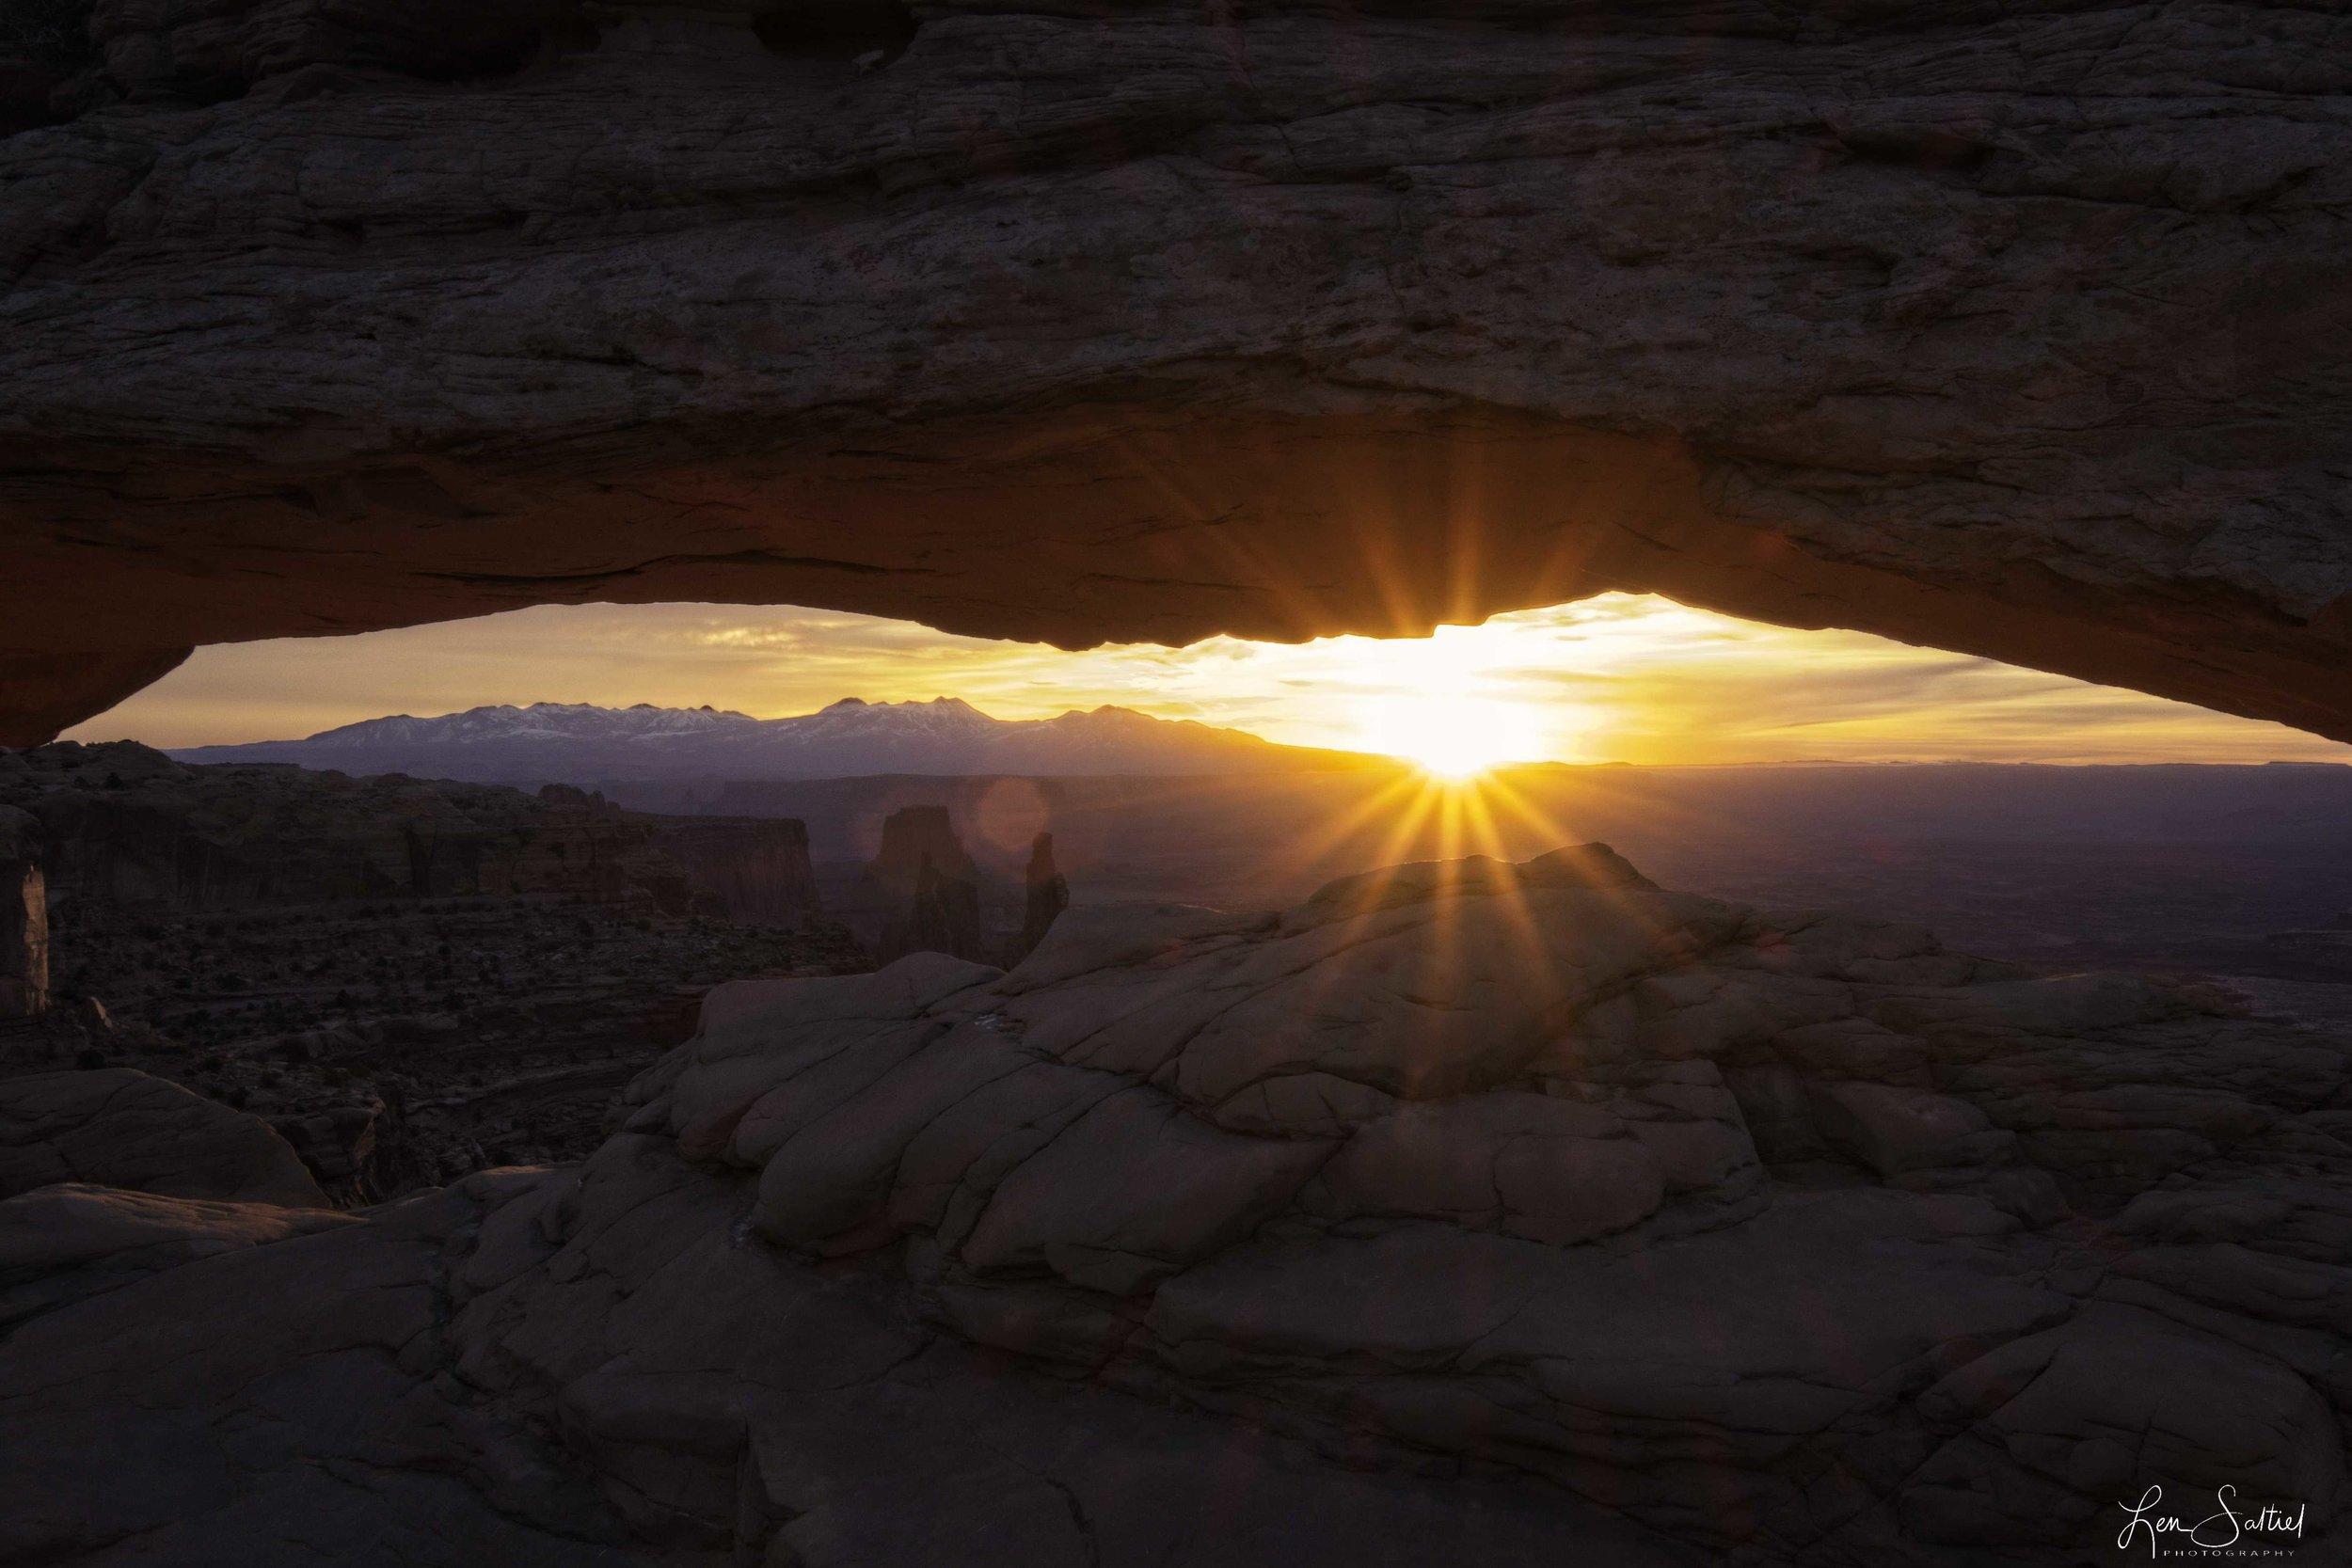 Mesa's Glow, Canyonlands, National Park, Utah